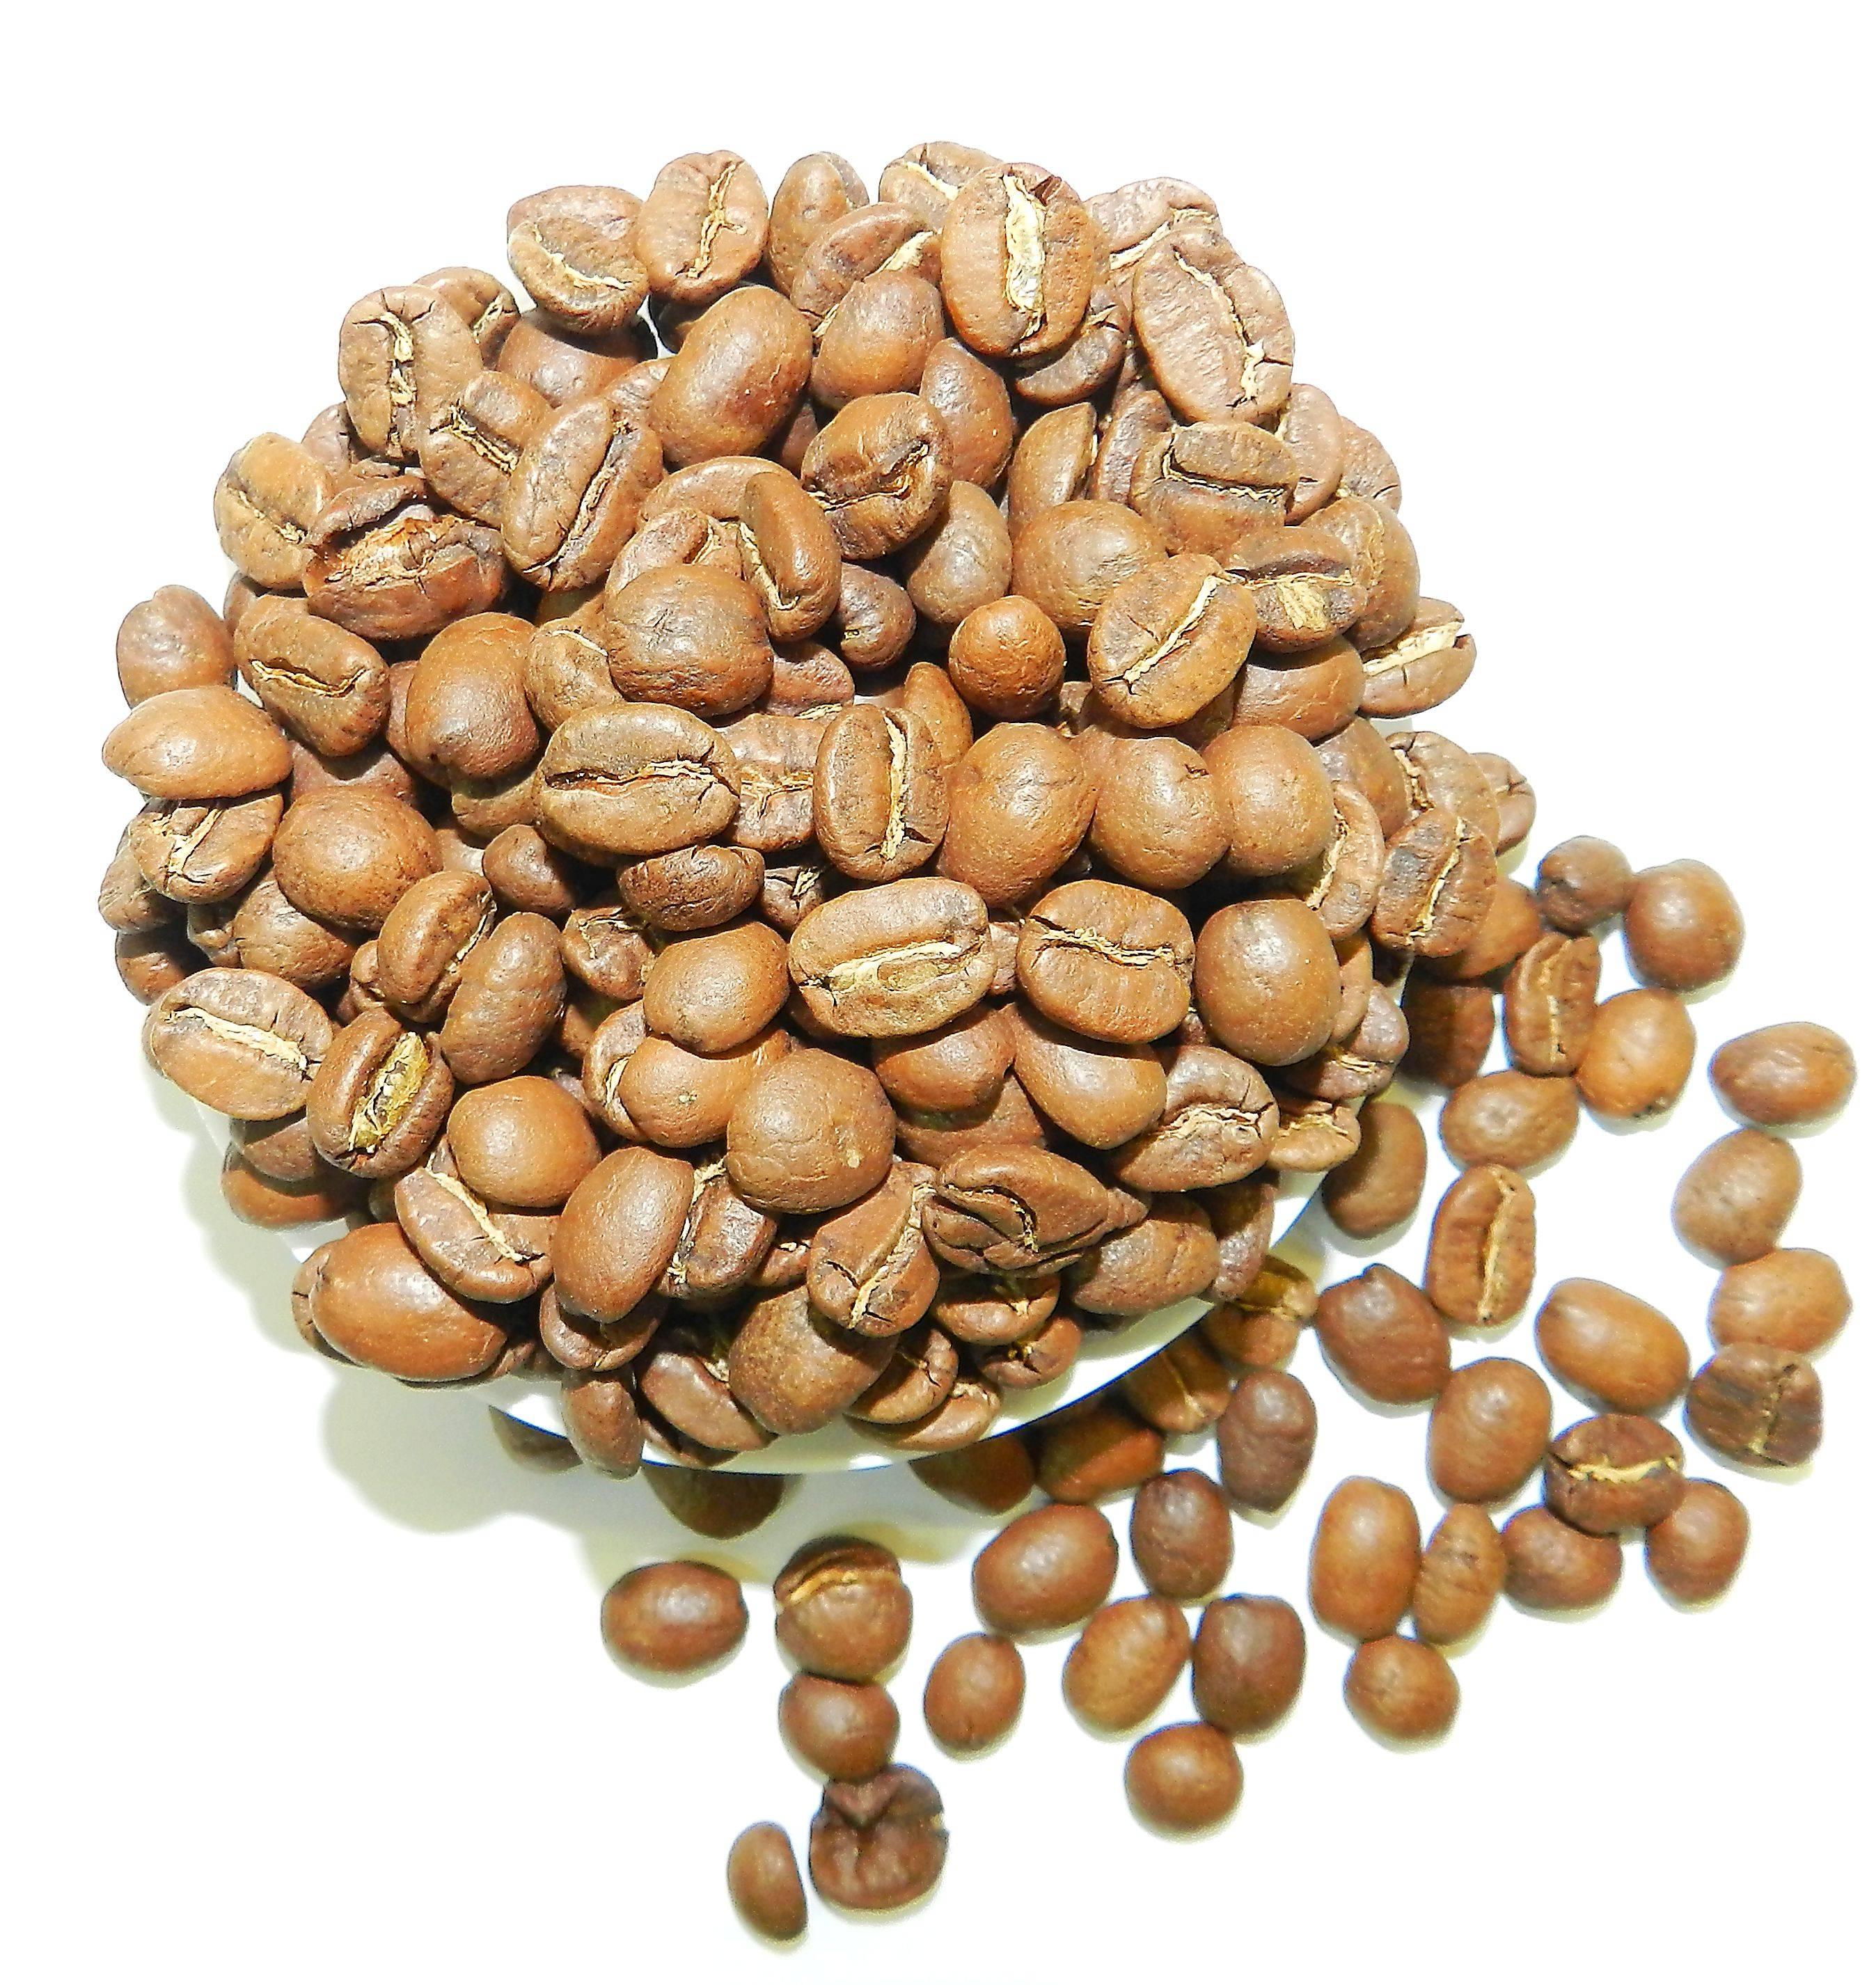 Никарагуанский кофе: характеристика, регионы, виды и сорта